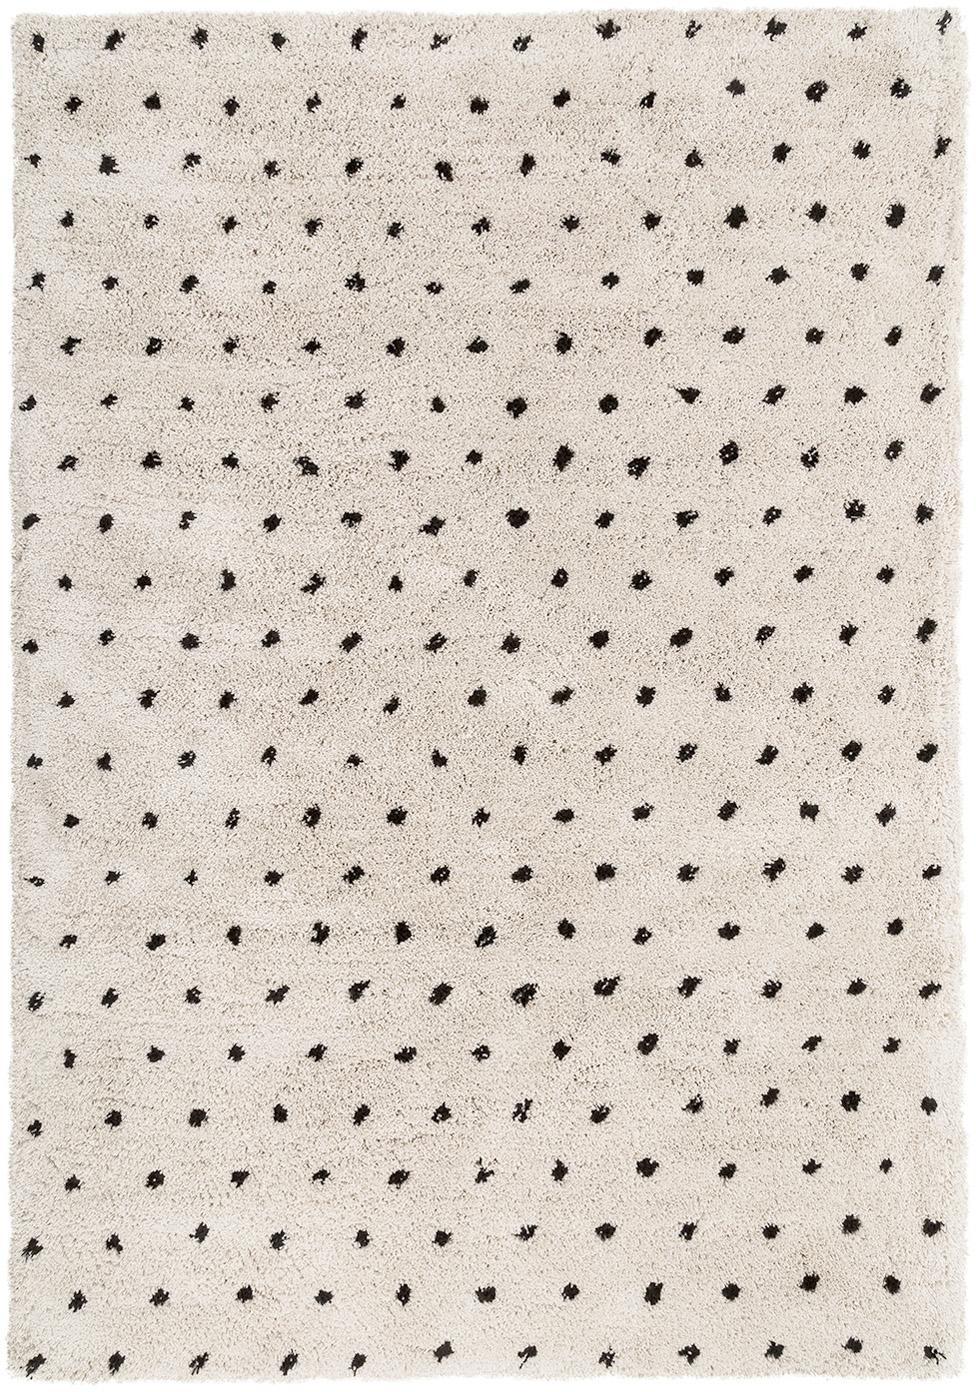 Flauschiger Hochflor-Teppich Ayana, gepunktet, Flor: 100% Polyester, Beige, Schwarz, B 120 x L 180 cm (Größe S)